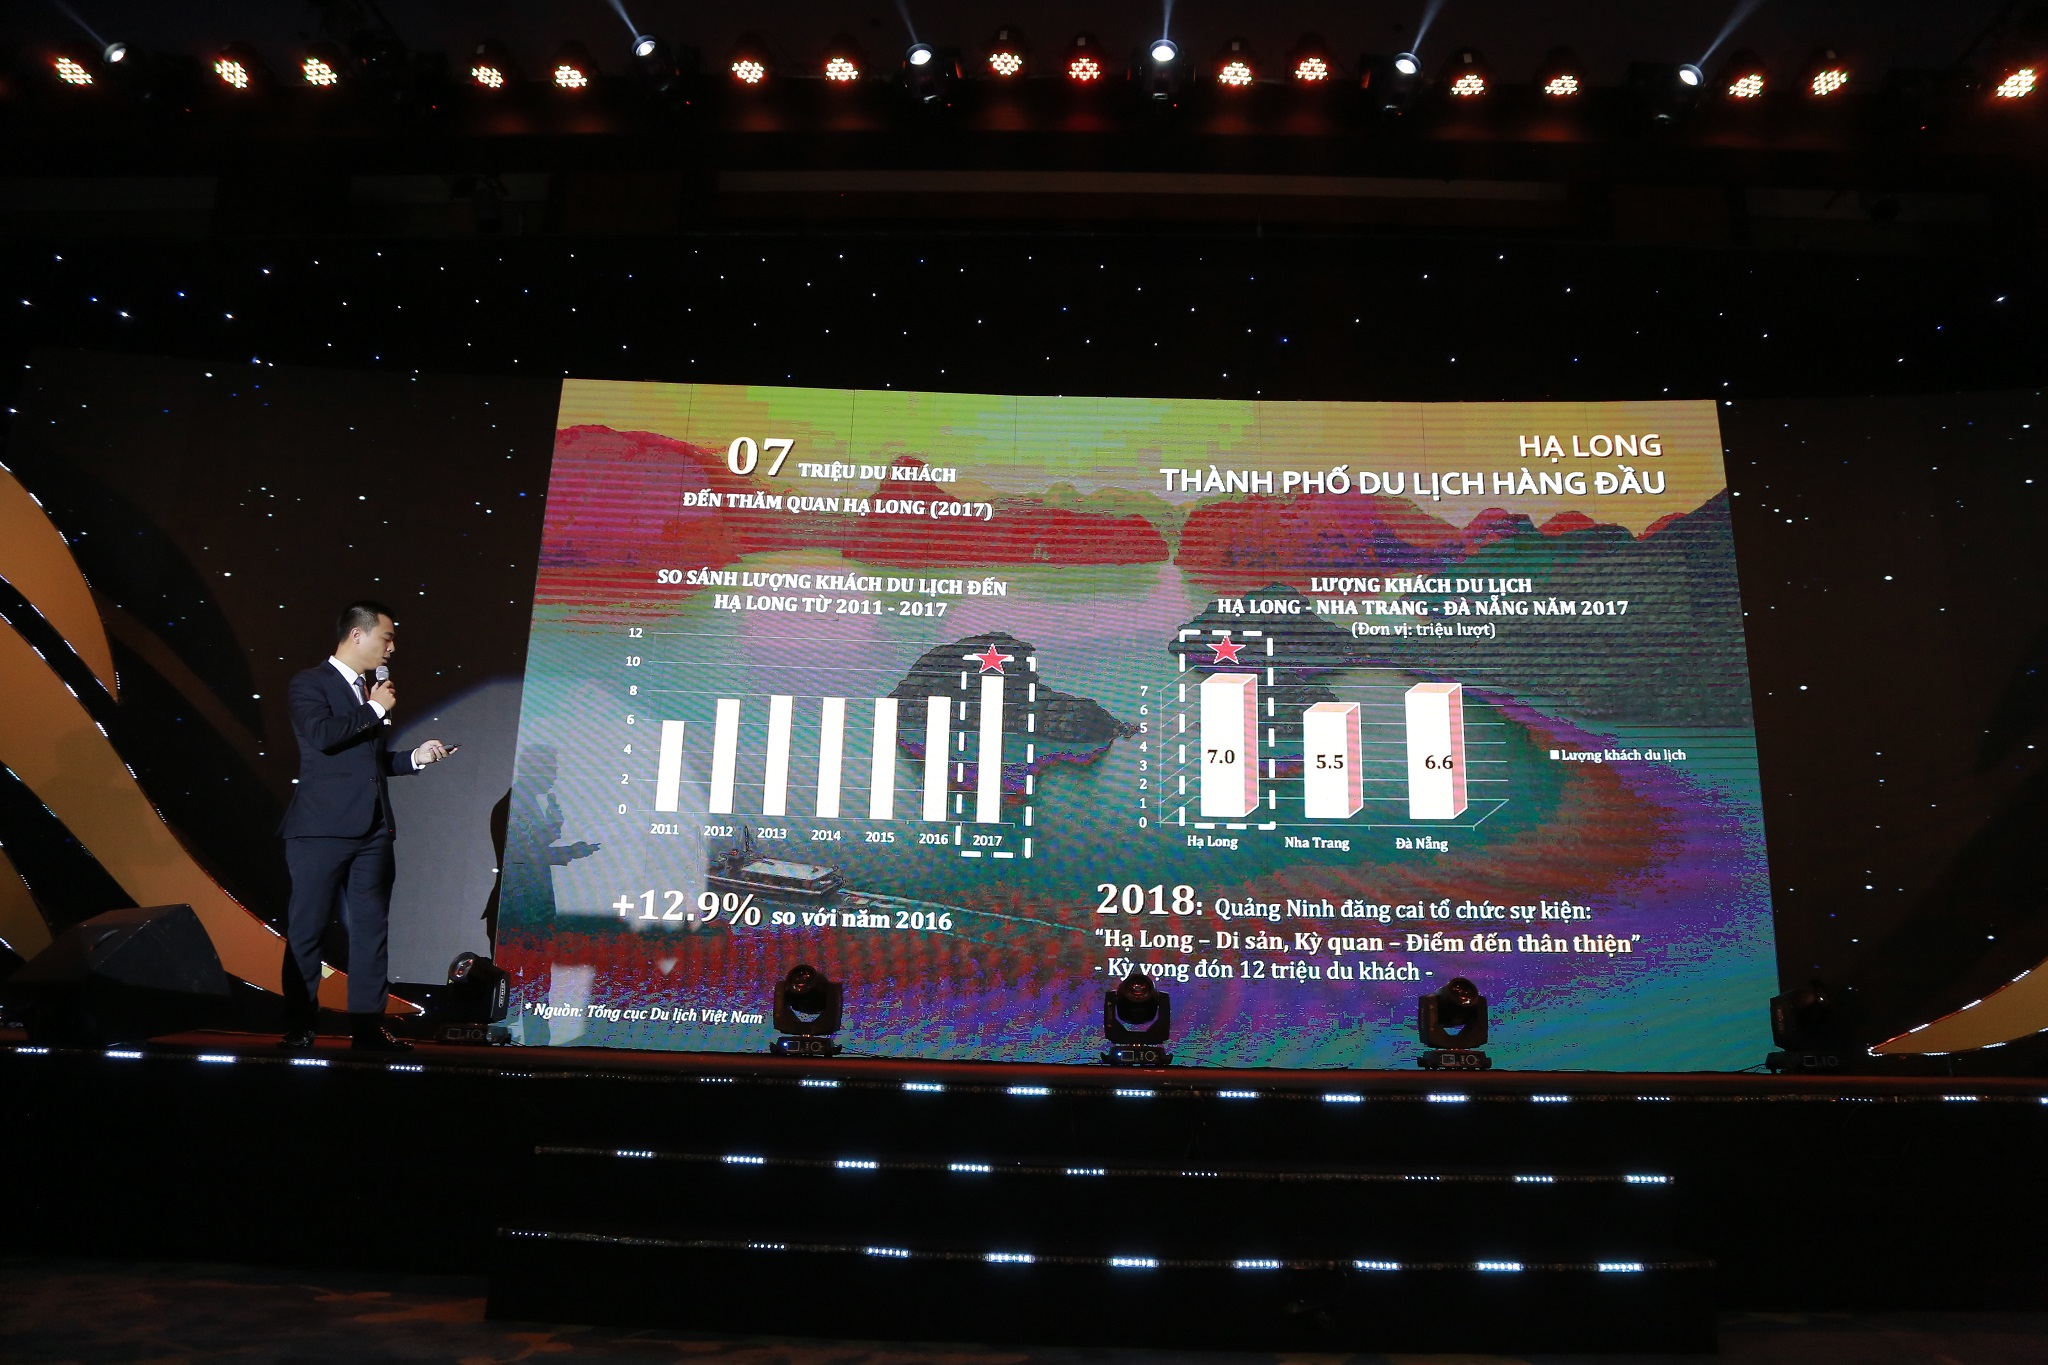 Chính thức mở bán dự án cao cấp Citadines Marina Halong 1